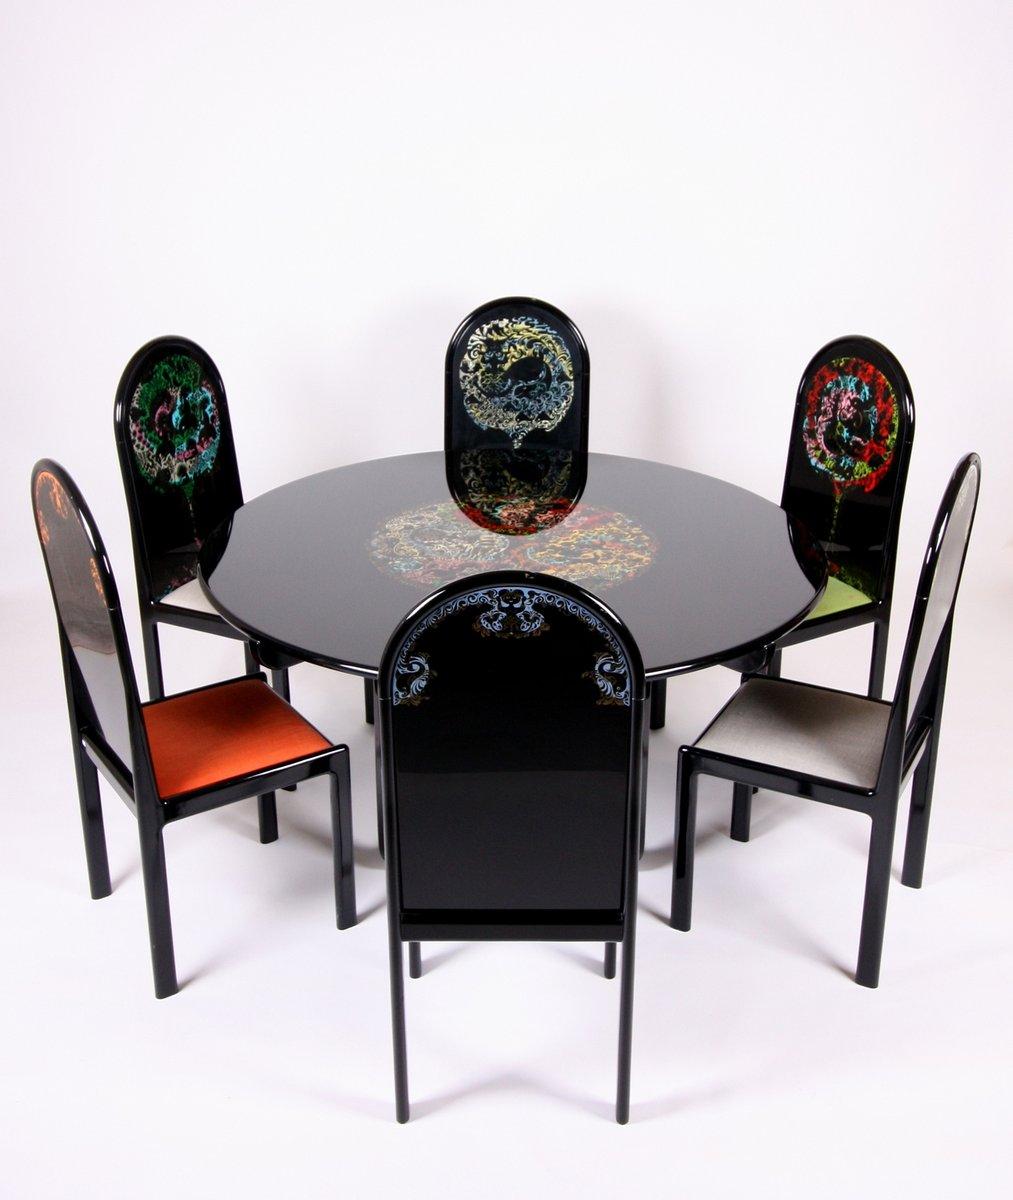 Deutscher Limitierter Siebdruck Tisch mit Sechs Stühlen von Bjorn Wiin...